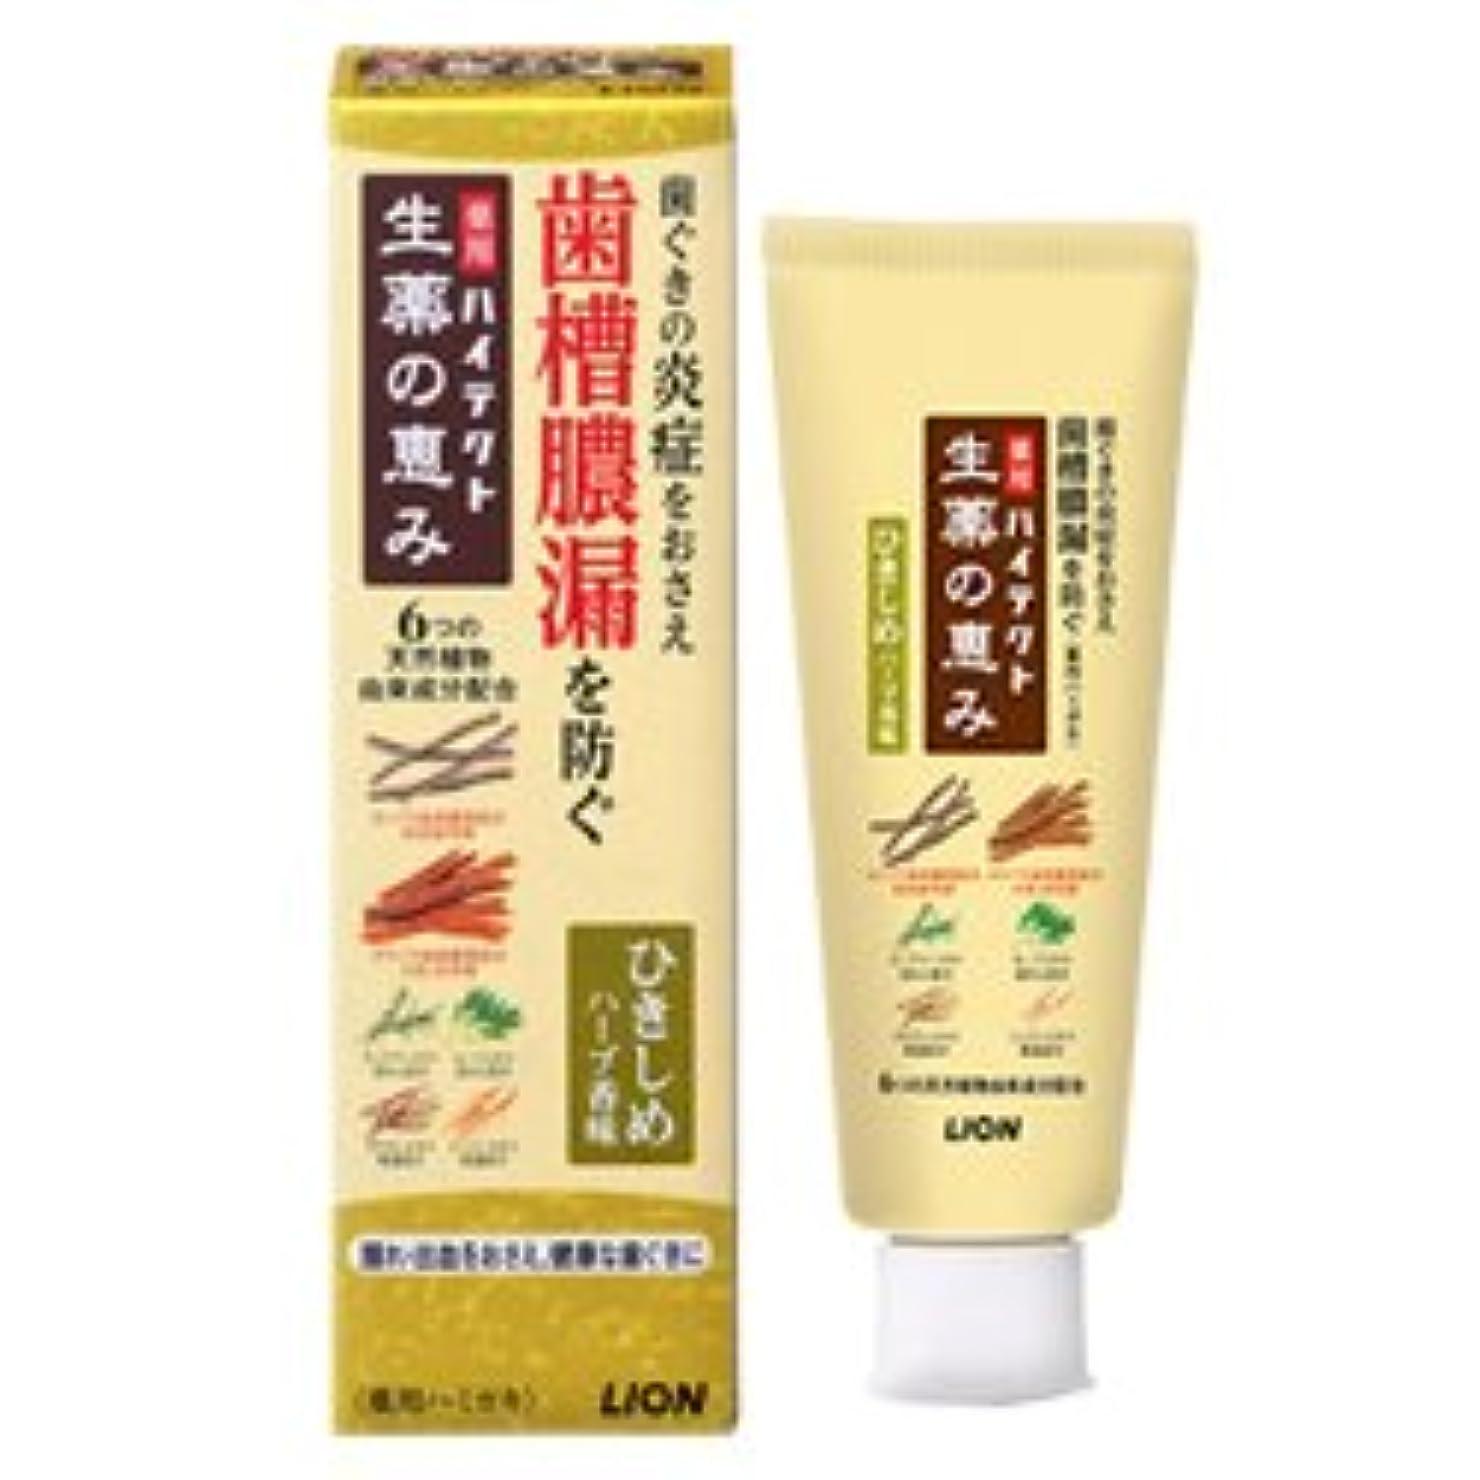 扇動お父さんまつげ【ライオン】ハイテクト 生薬の恵み ひきしめハーブ香味90g×5個セット